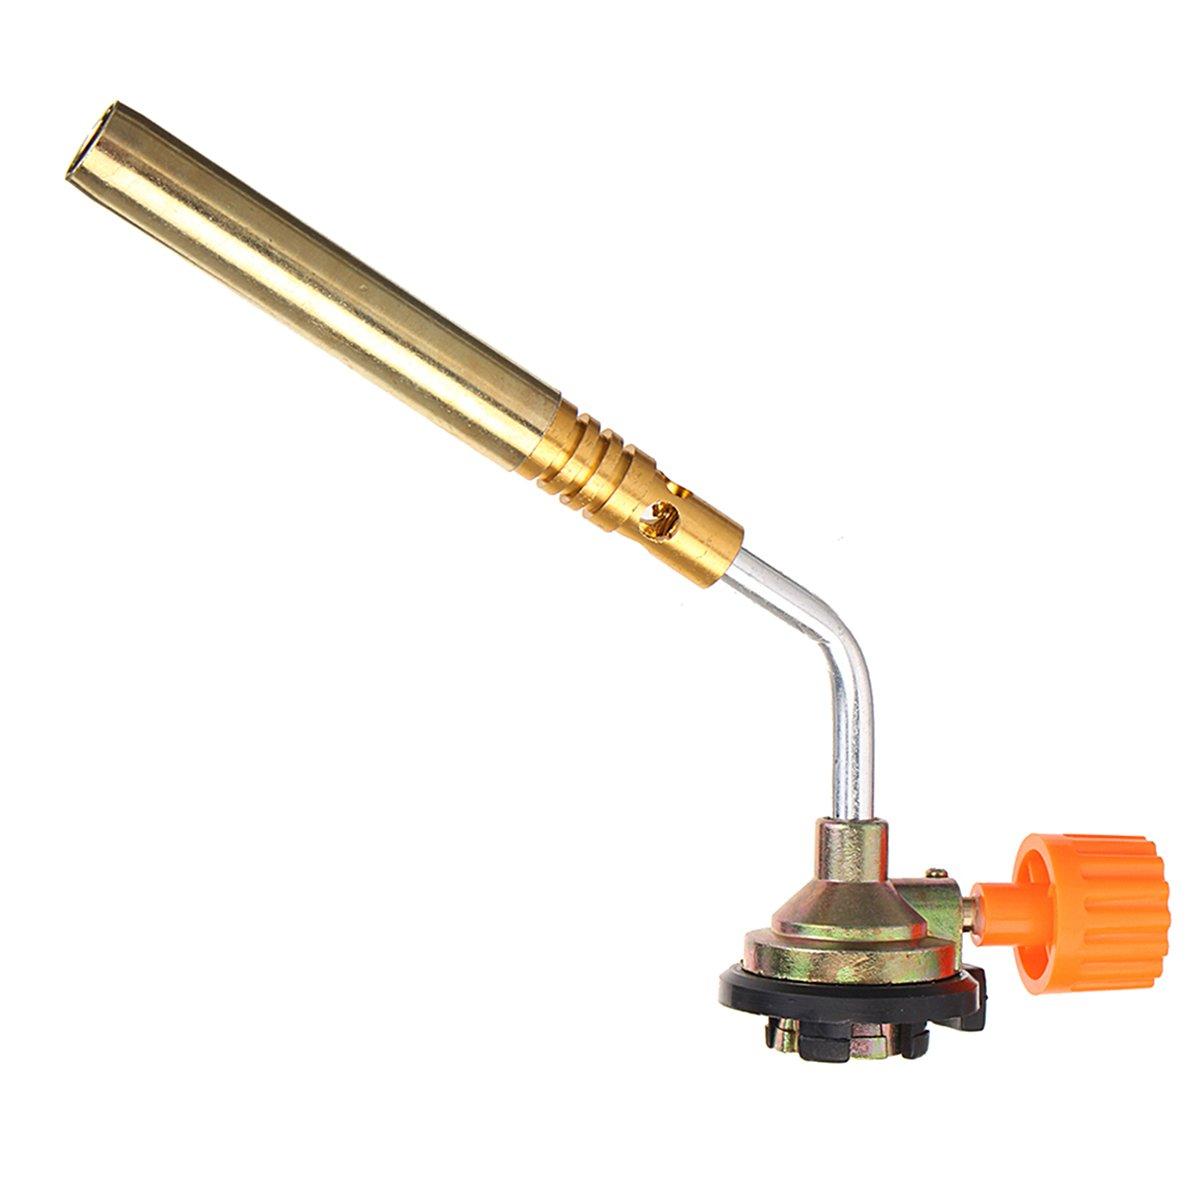 ChaRLes Allumage Extérieur Butane Gaz Torche Soudage Bbq Briquet Brûleur Flamme Pistolet Camping Soudage Torche